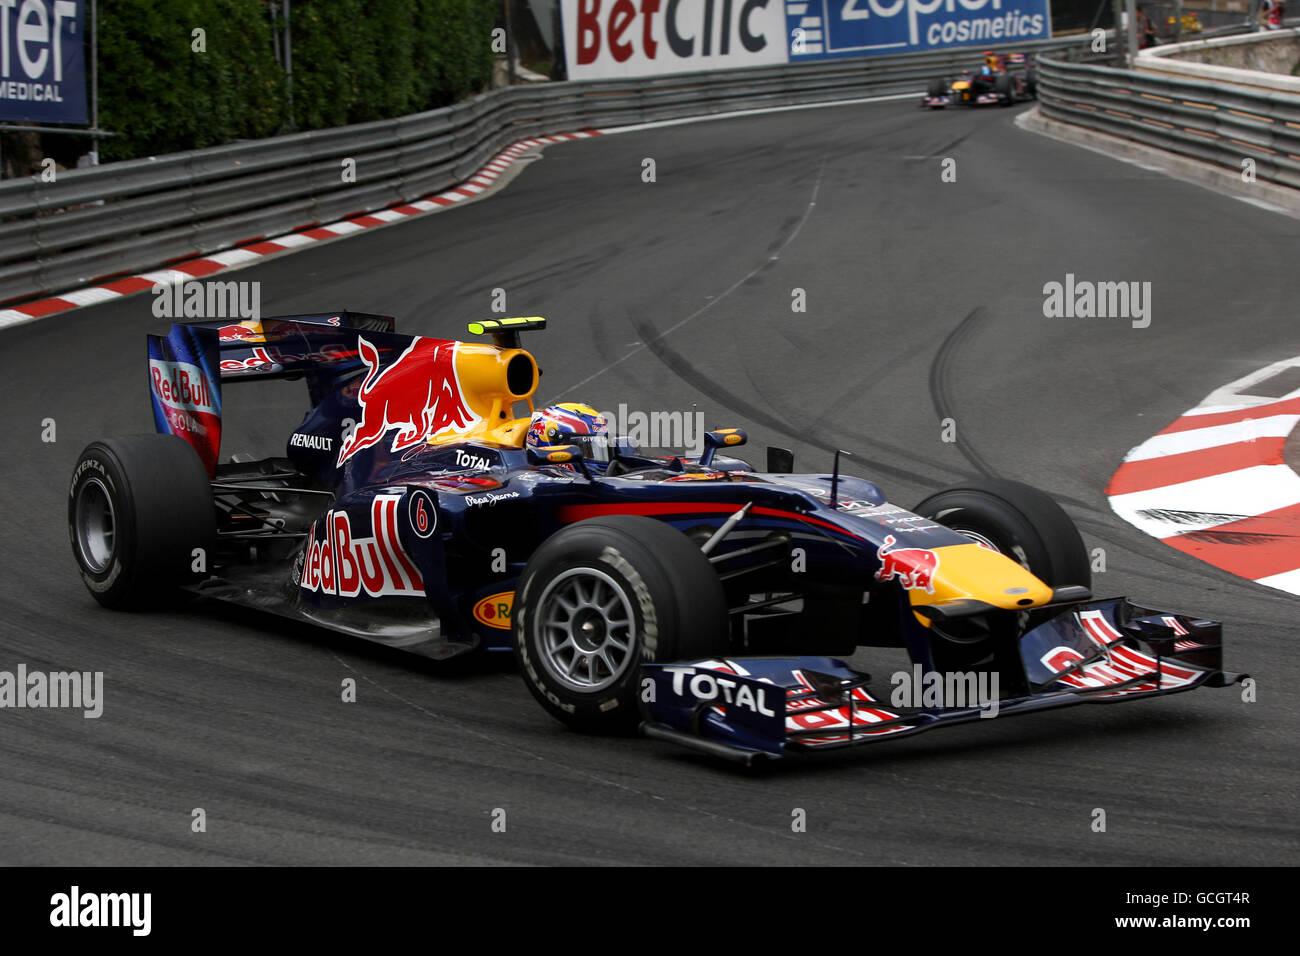 Circuito Monaco : Formula uno motor racing gran premio di monaco circuito di